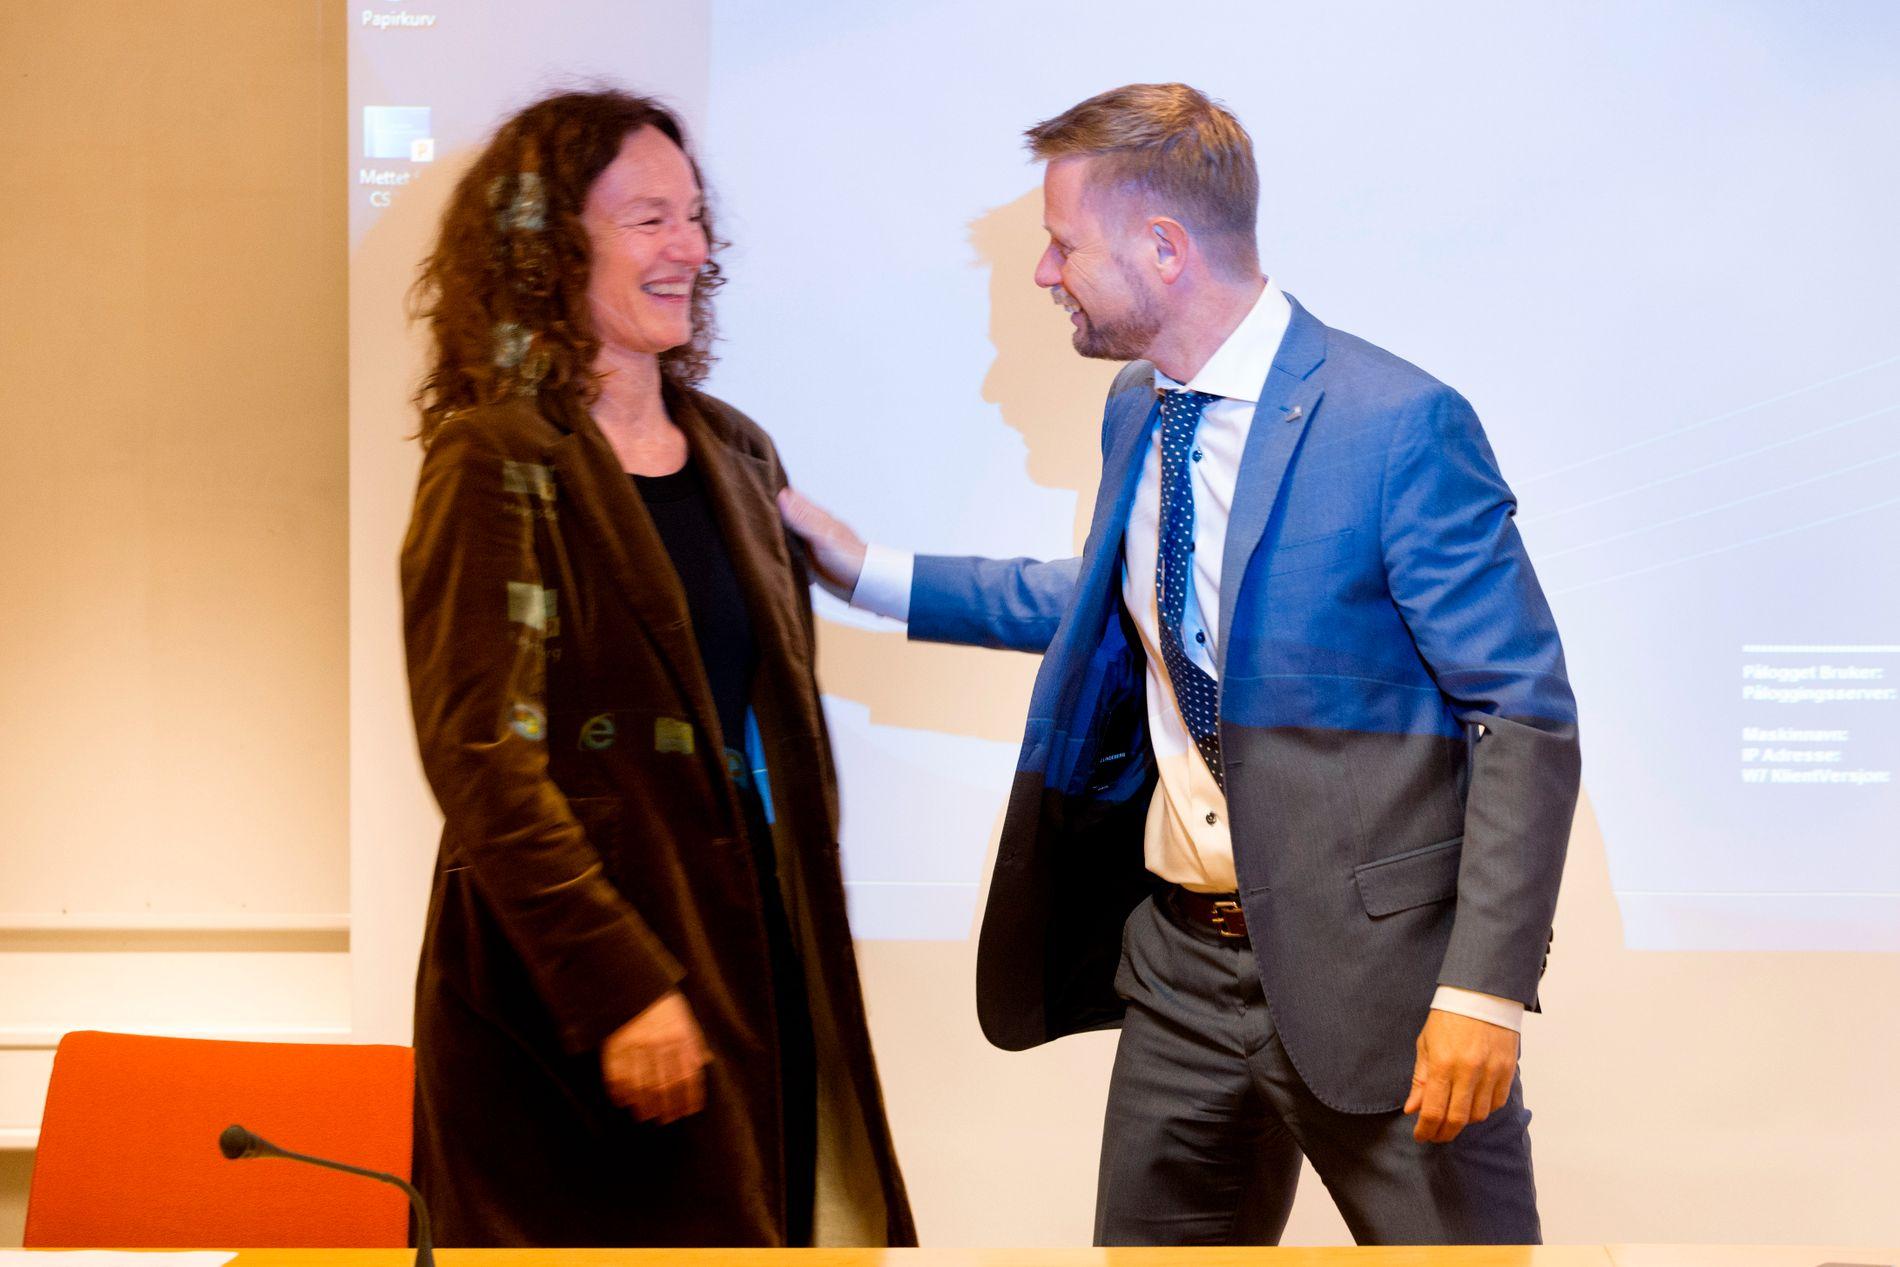 KRITISK: Folkehelseinstituttets leder, Camilla Stoltenberg, kommer med et klart råd til de ansvarlige for hemmelighold, blant andre helseminister Bent Høie: Beslutningene flyttes fra det offentlige rom til lukkede møter.